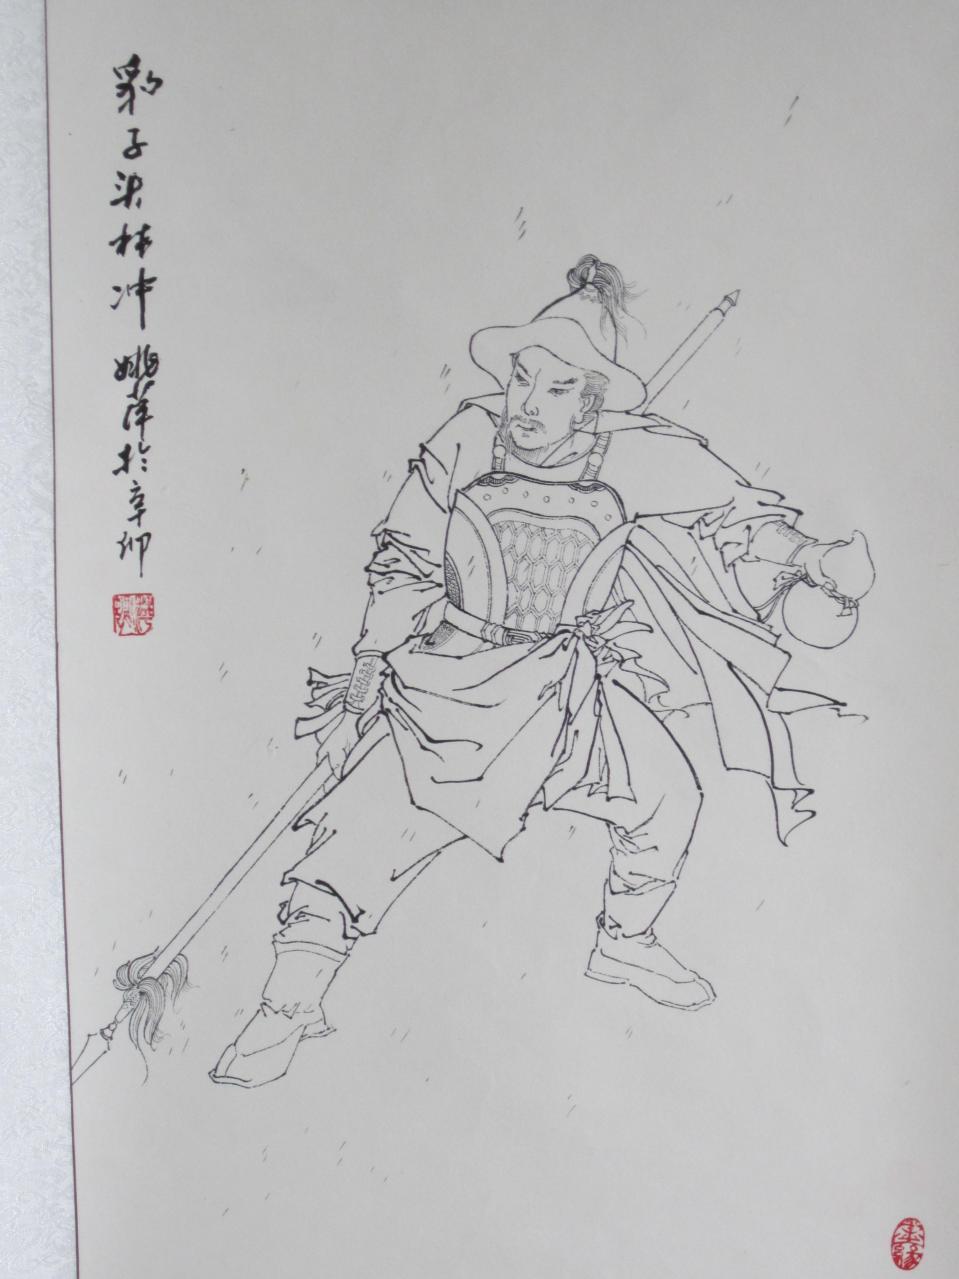 林冲的简笔画_水浒传林冲的简笔画分享展示